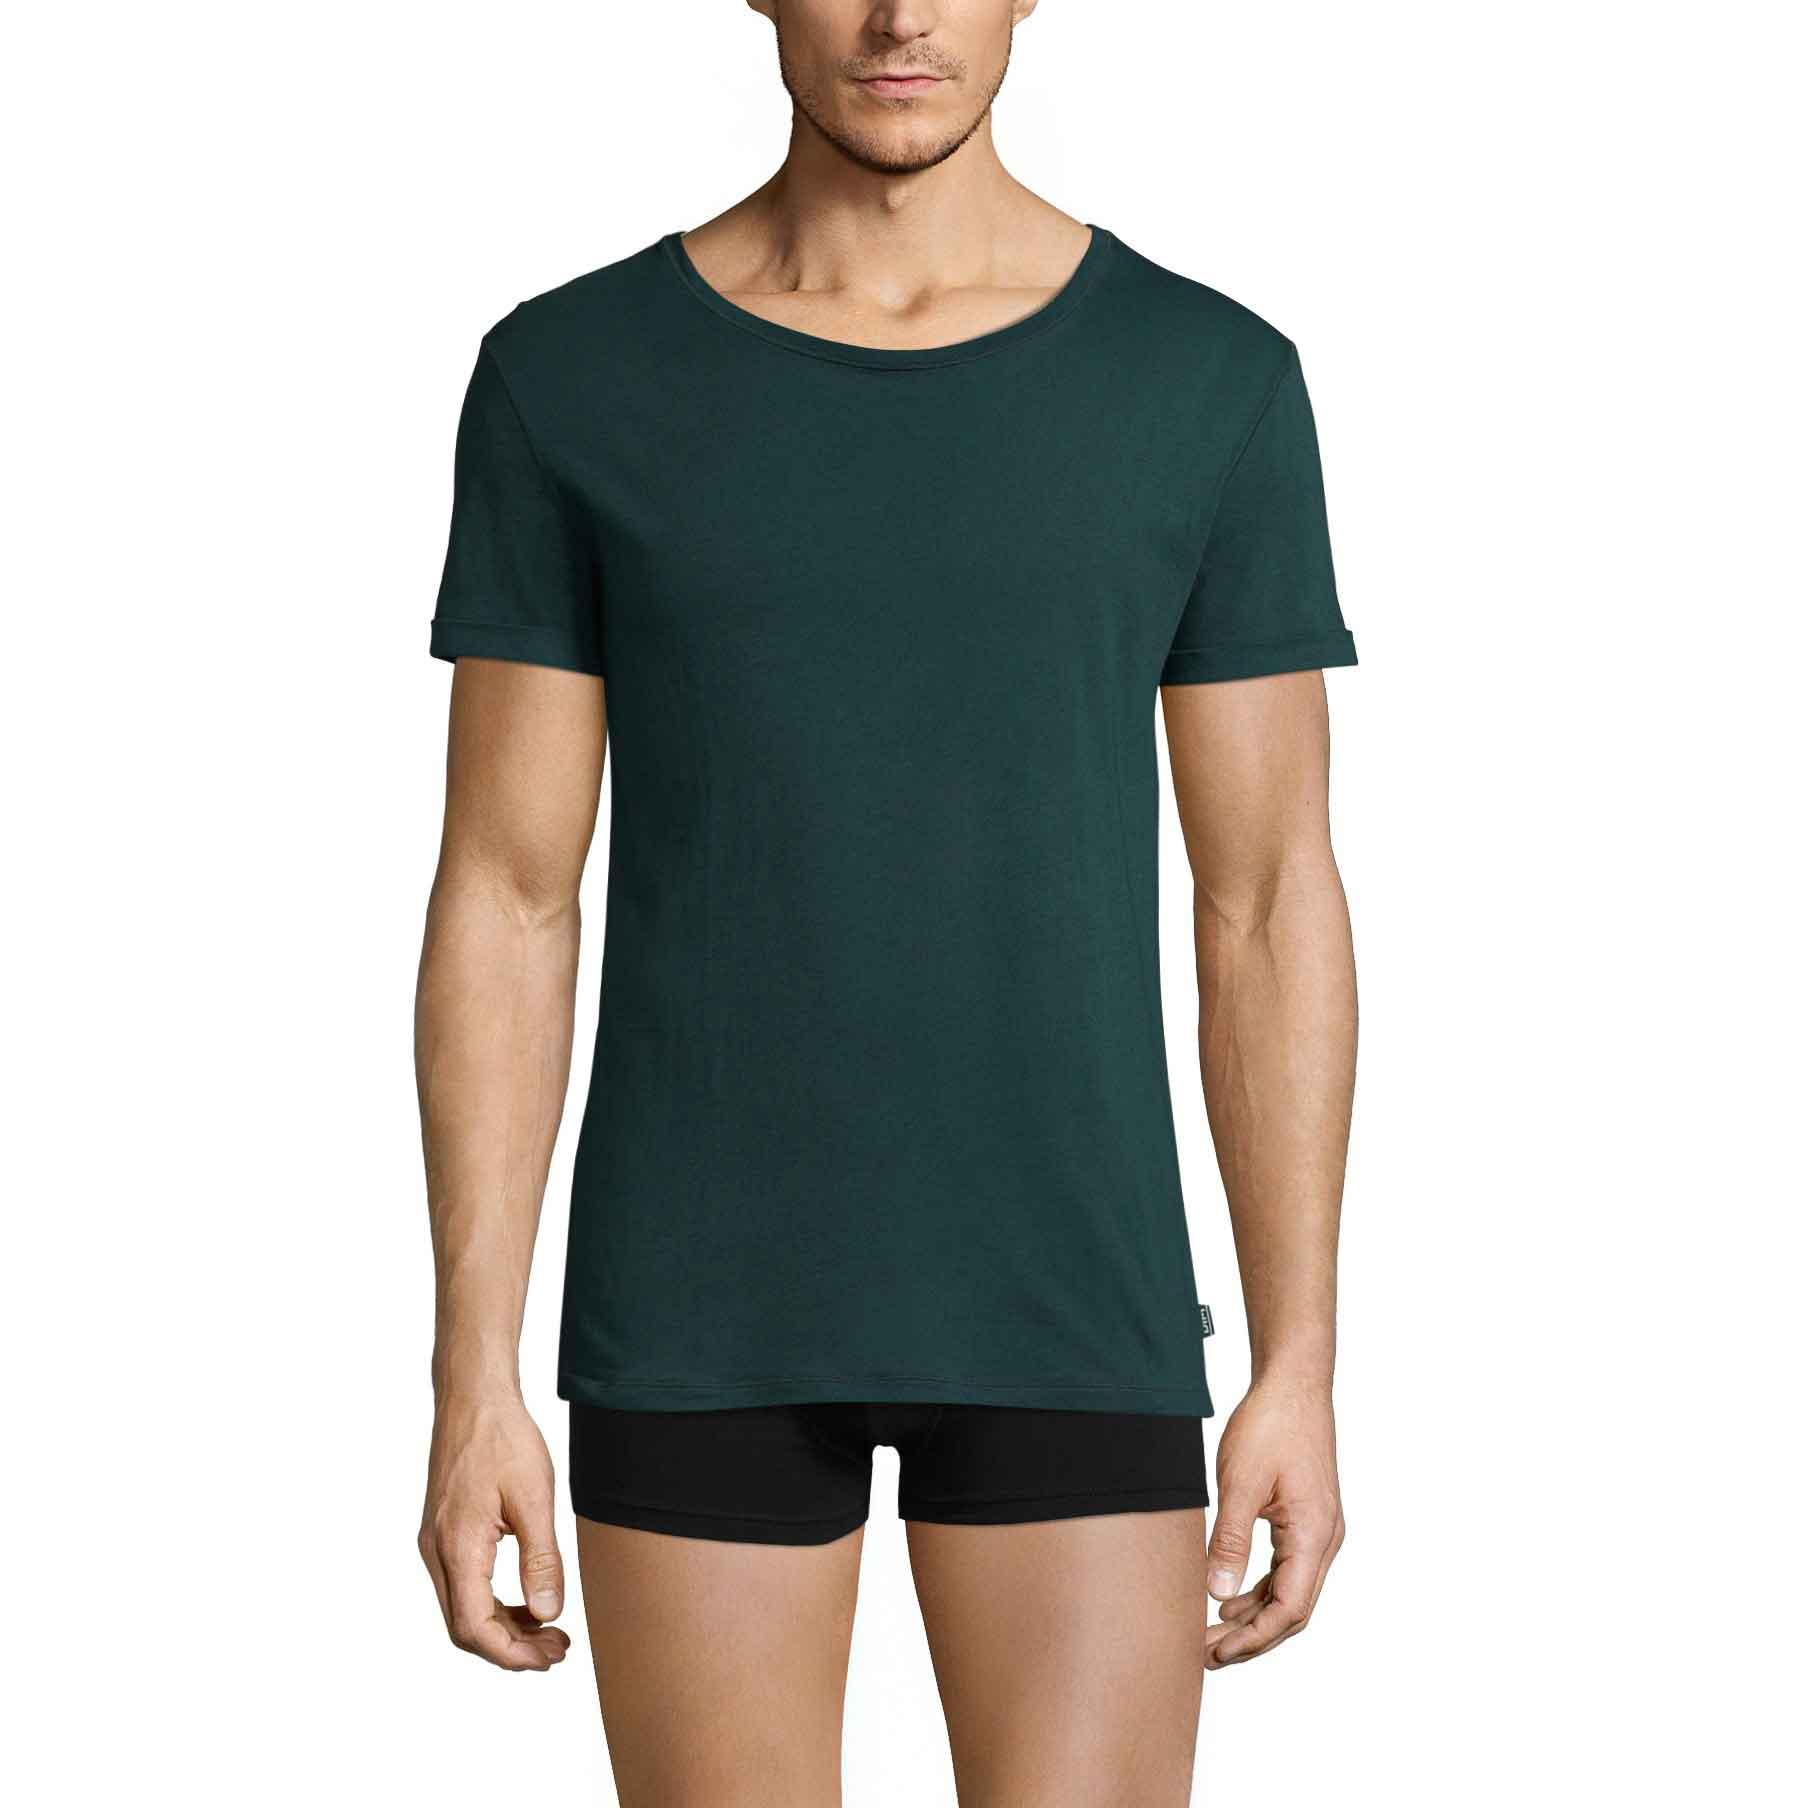 Tee-shirt à manches courtes vert ardoise Mix & Match